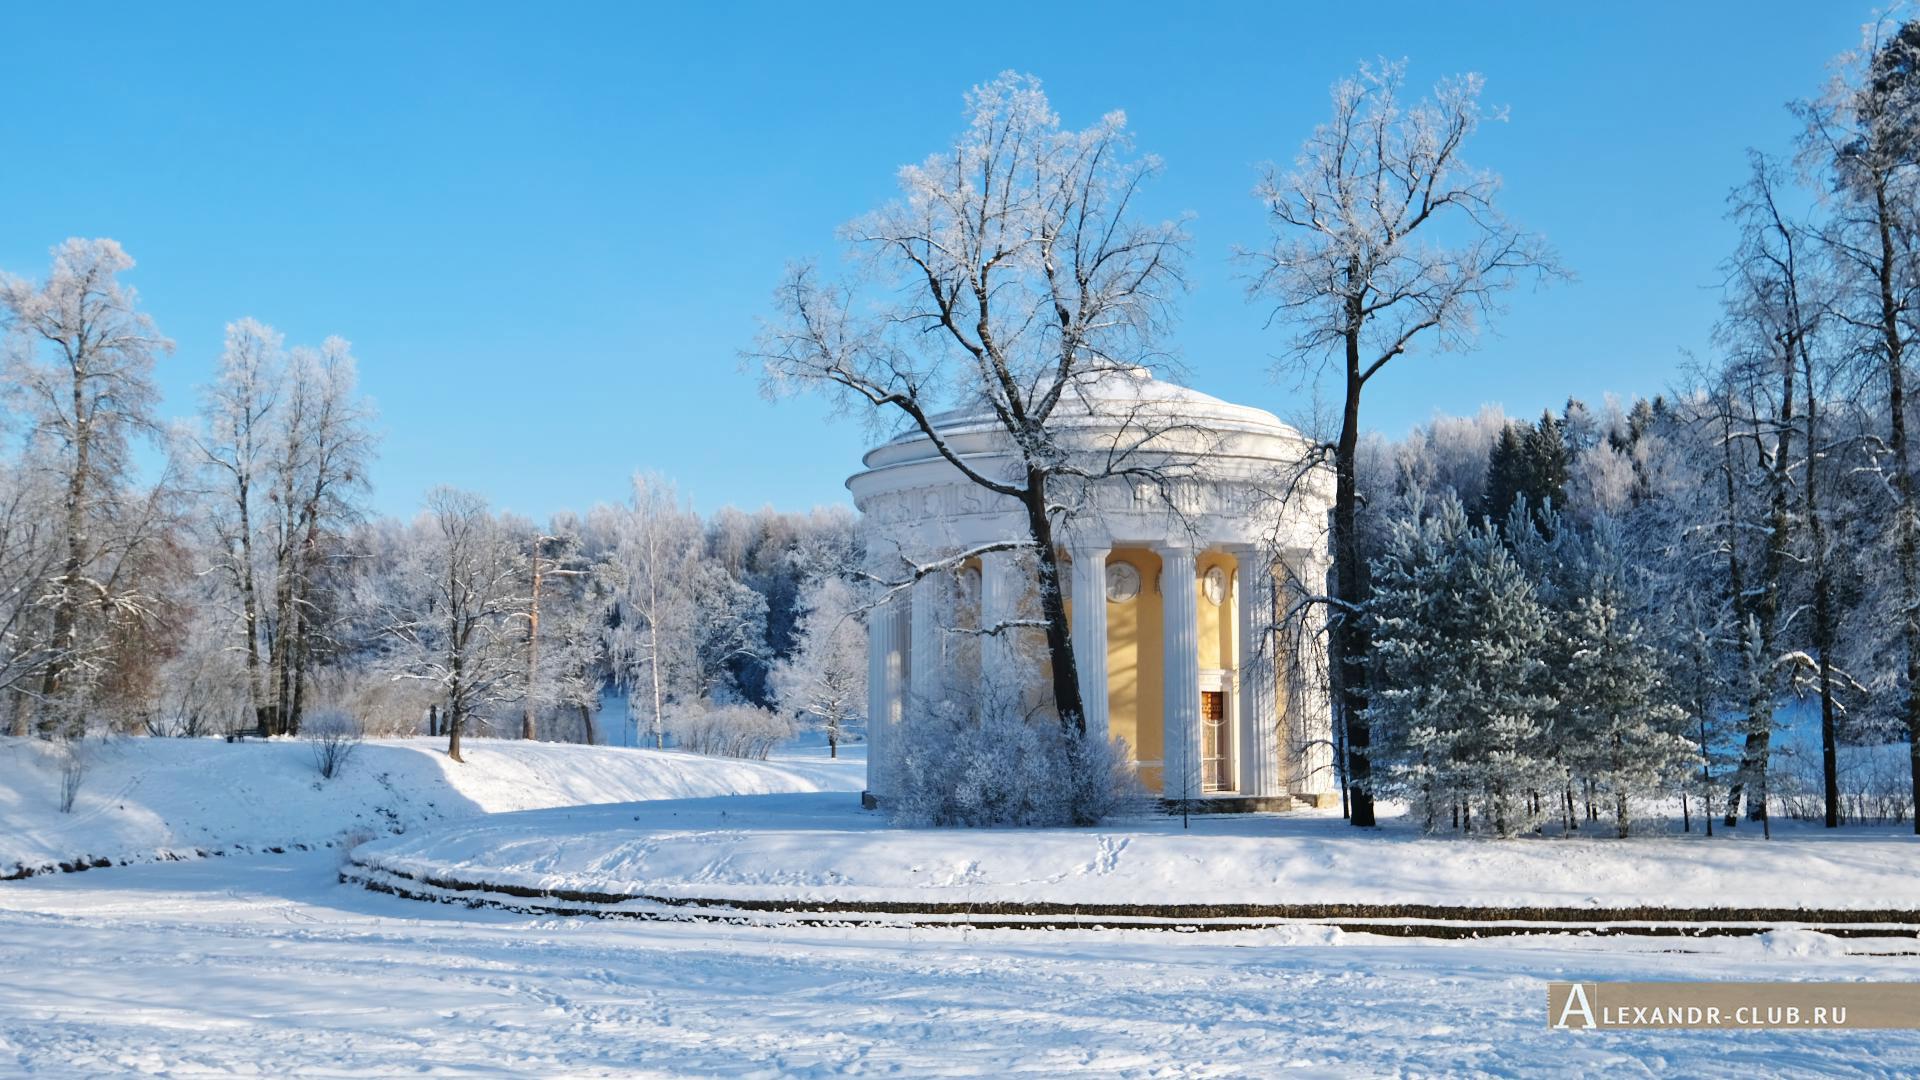 Павловск, зима, Павловский парк, Храм Дружбы